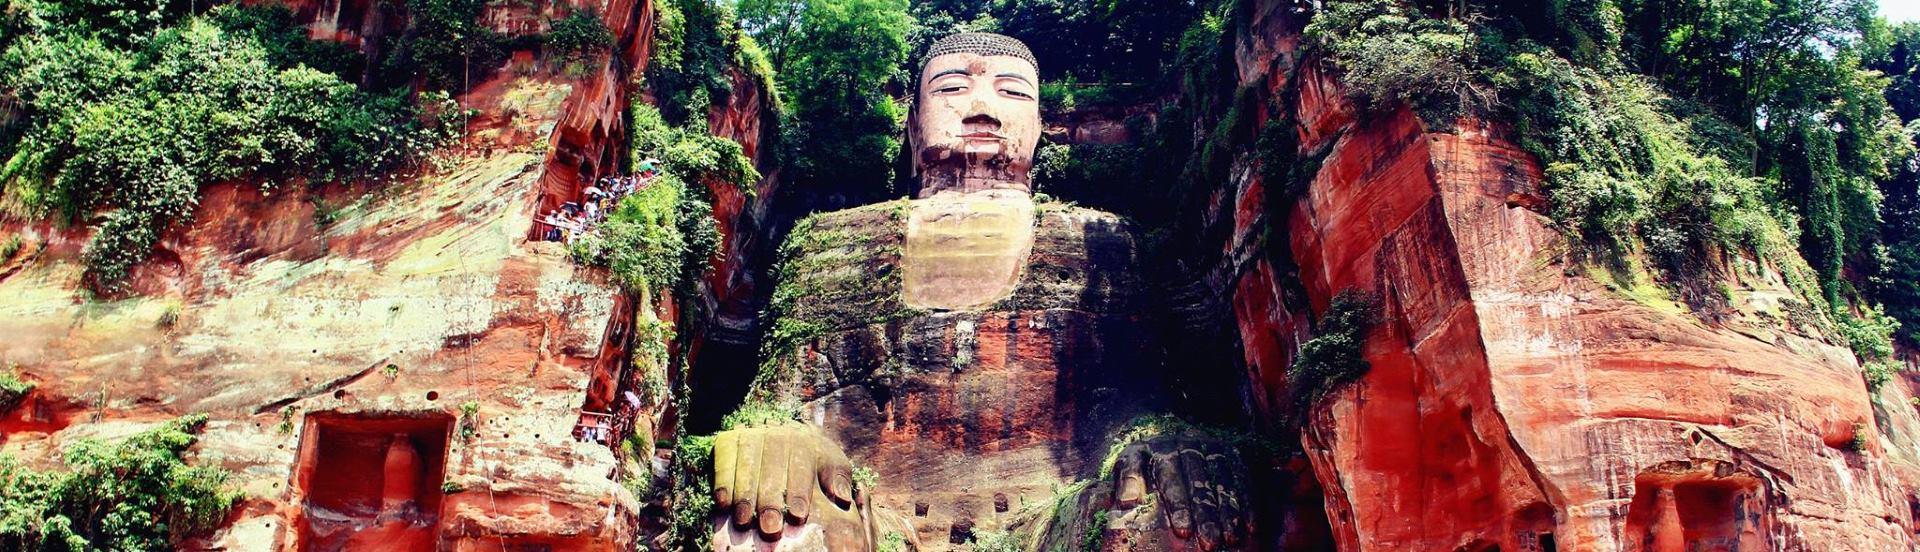 VIDEO: Veliki Buda i hramovi u Leshanu